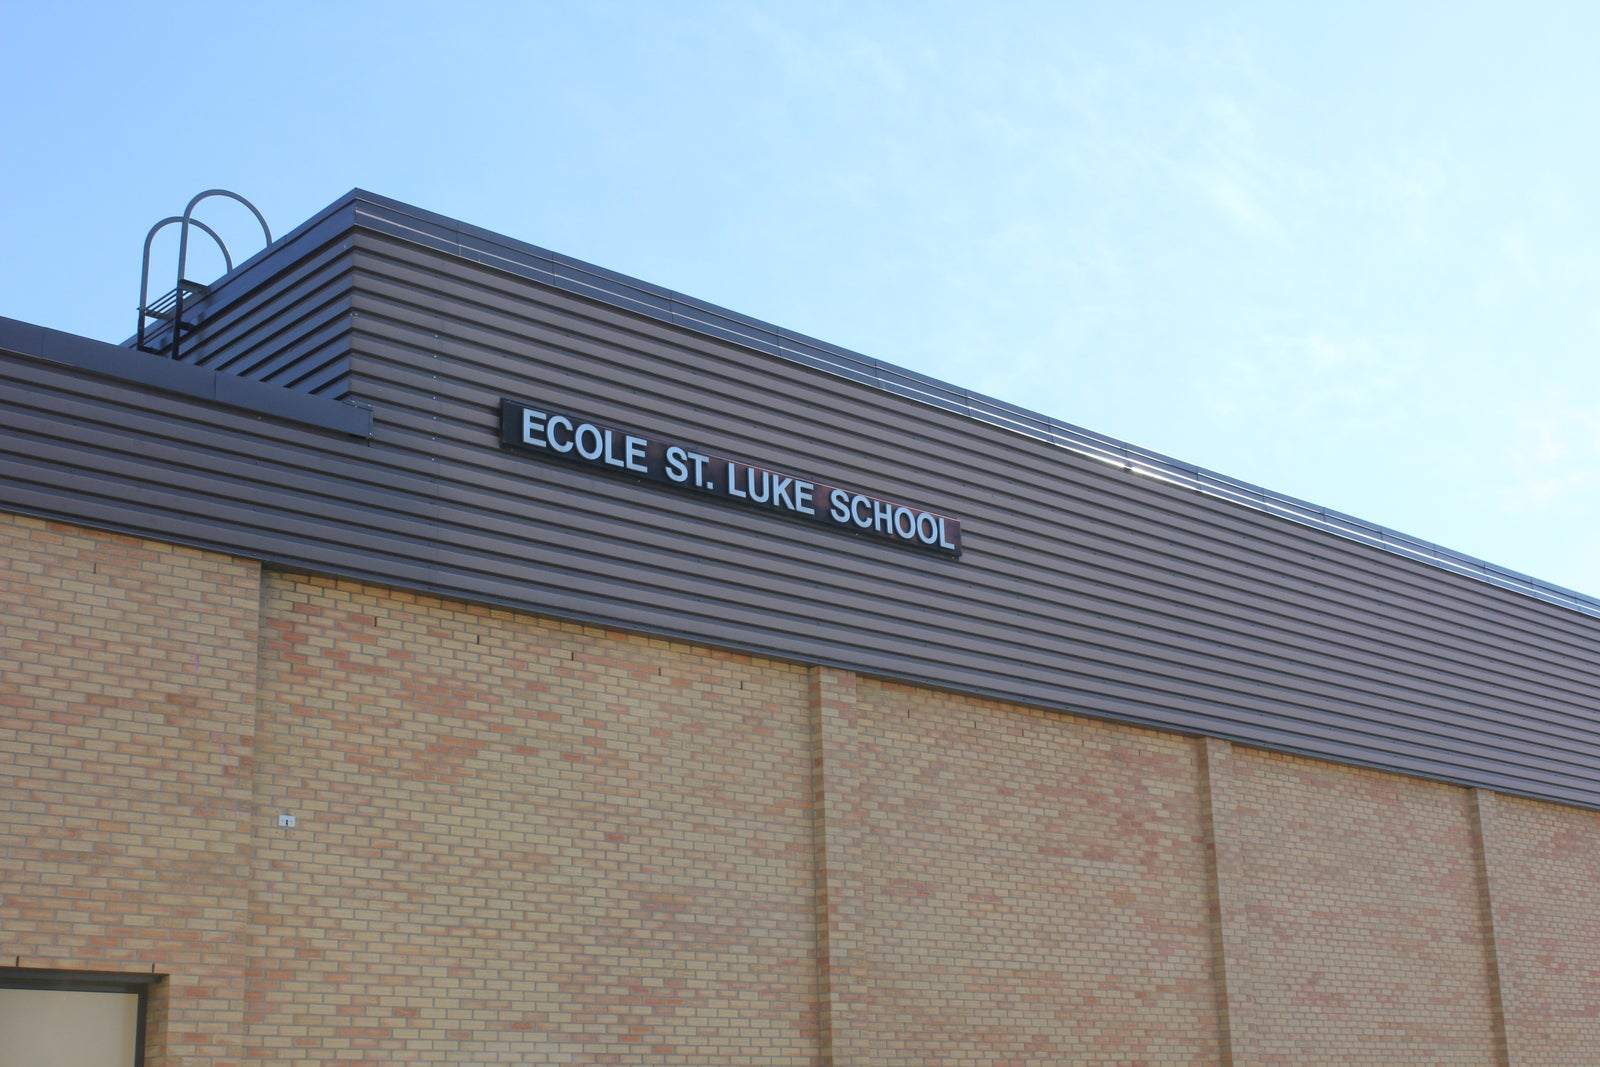 Ecole St Luke School Calgary Grade 5-8